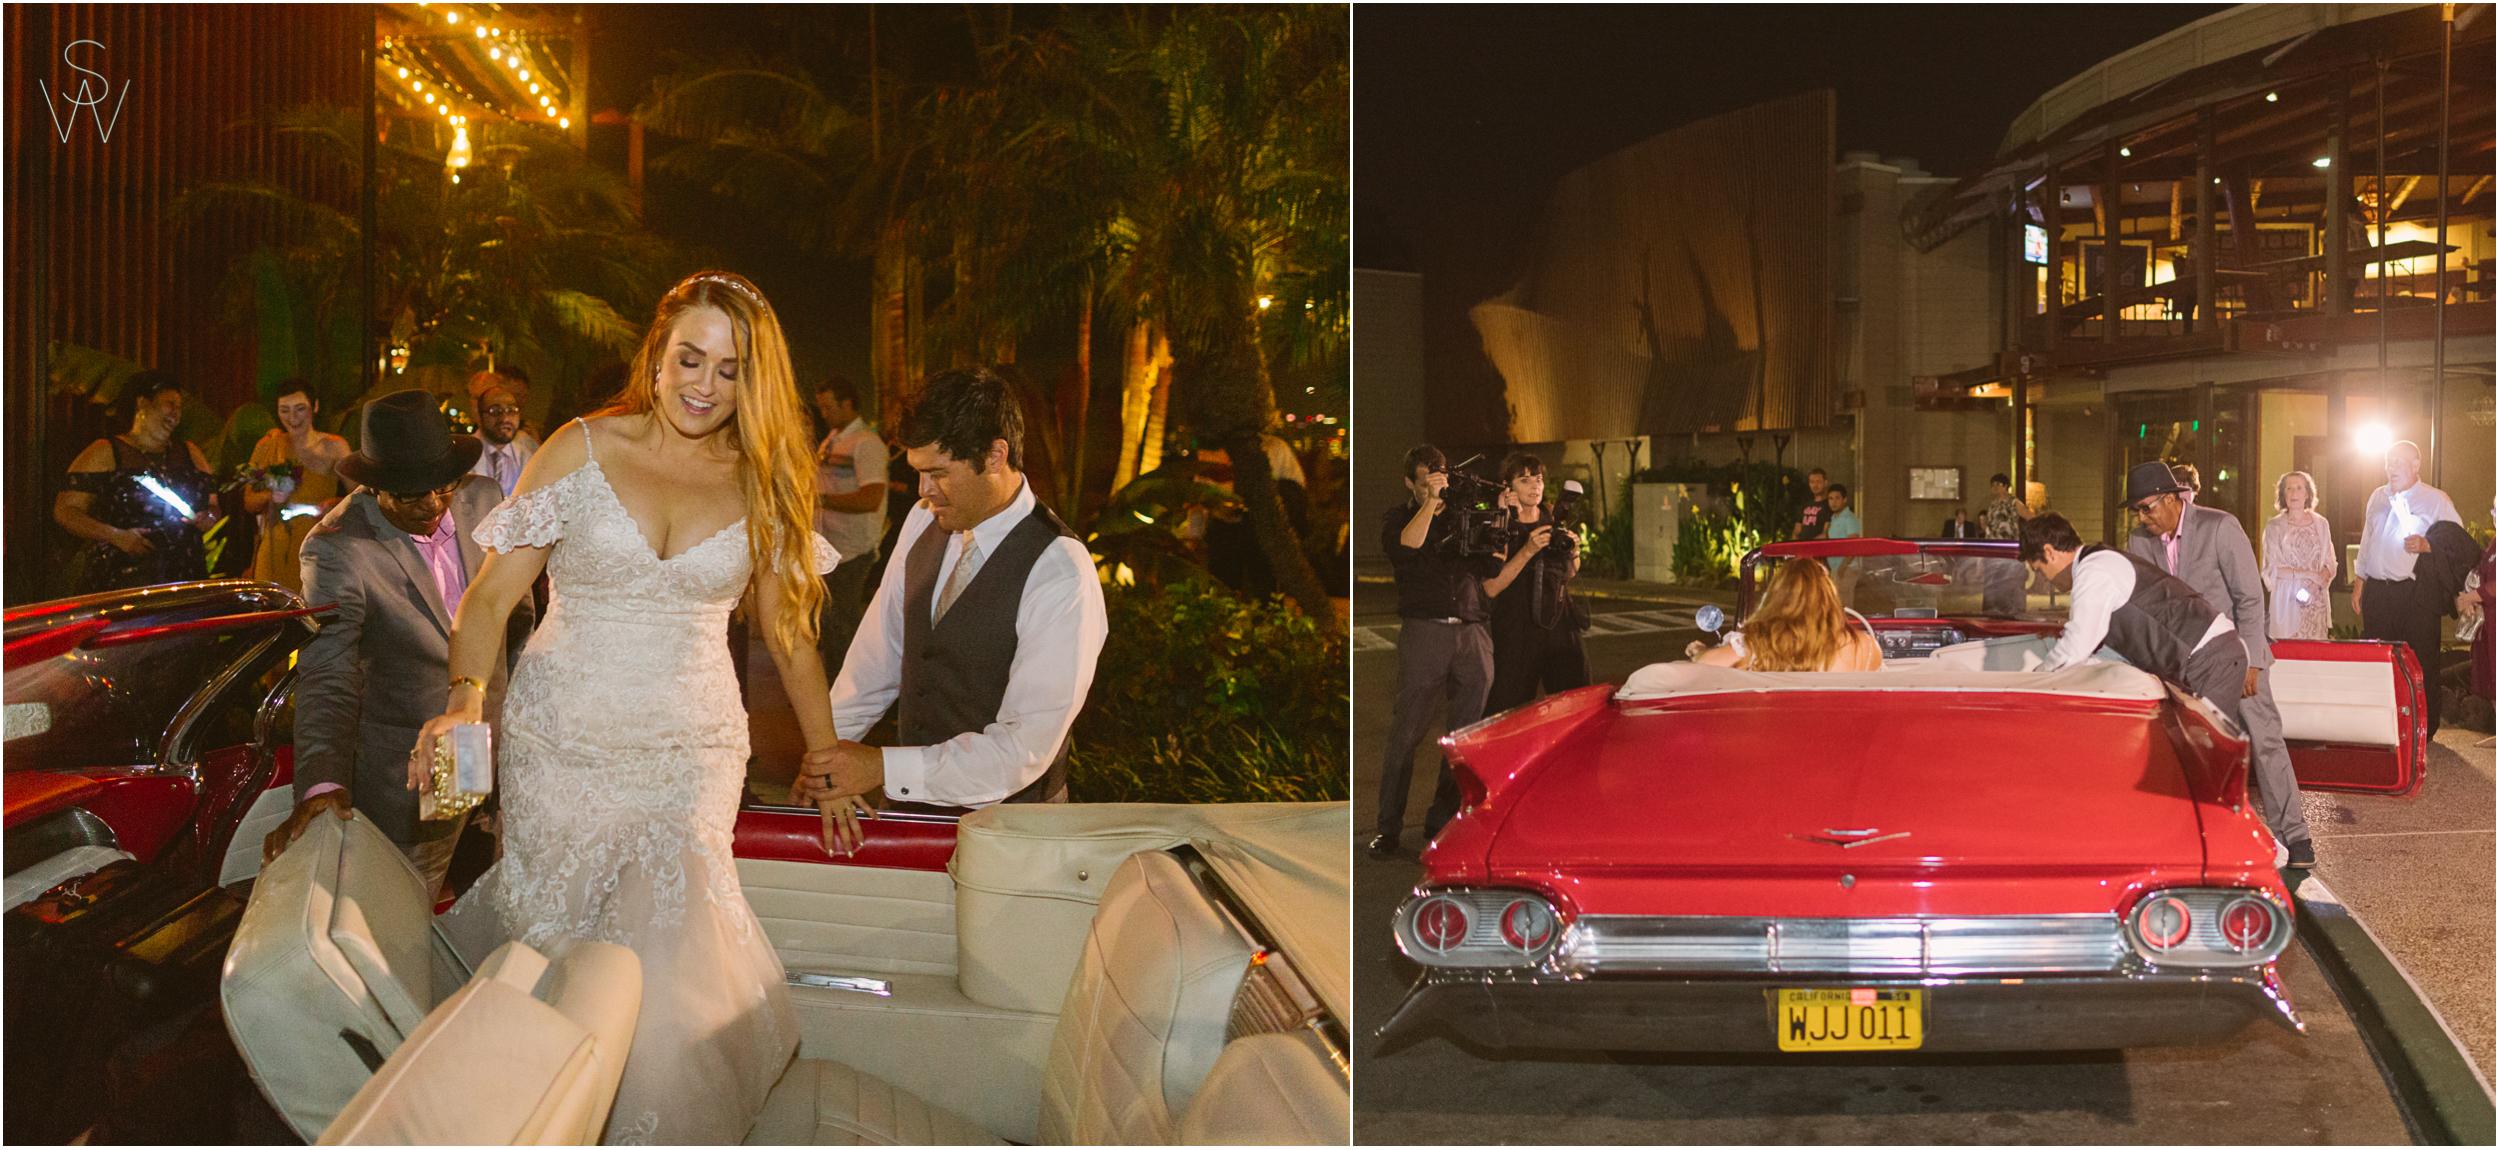 214San.diego.wedding.shewanders.photography.JPG